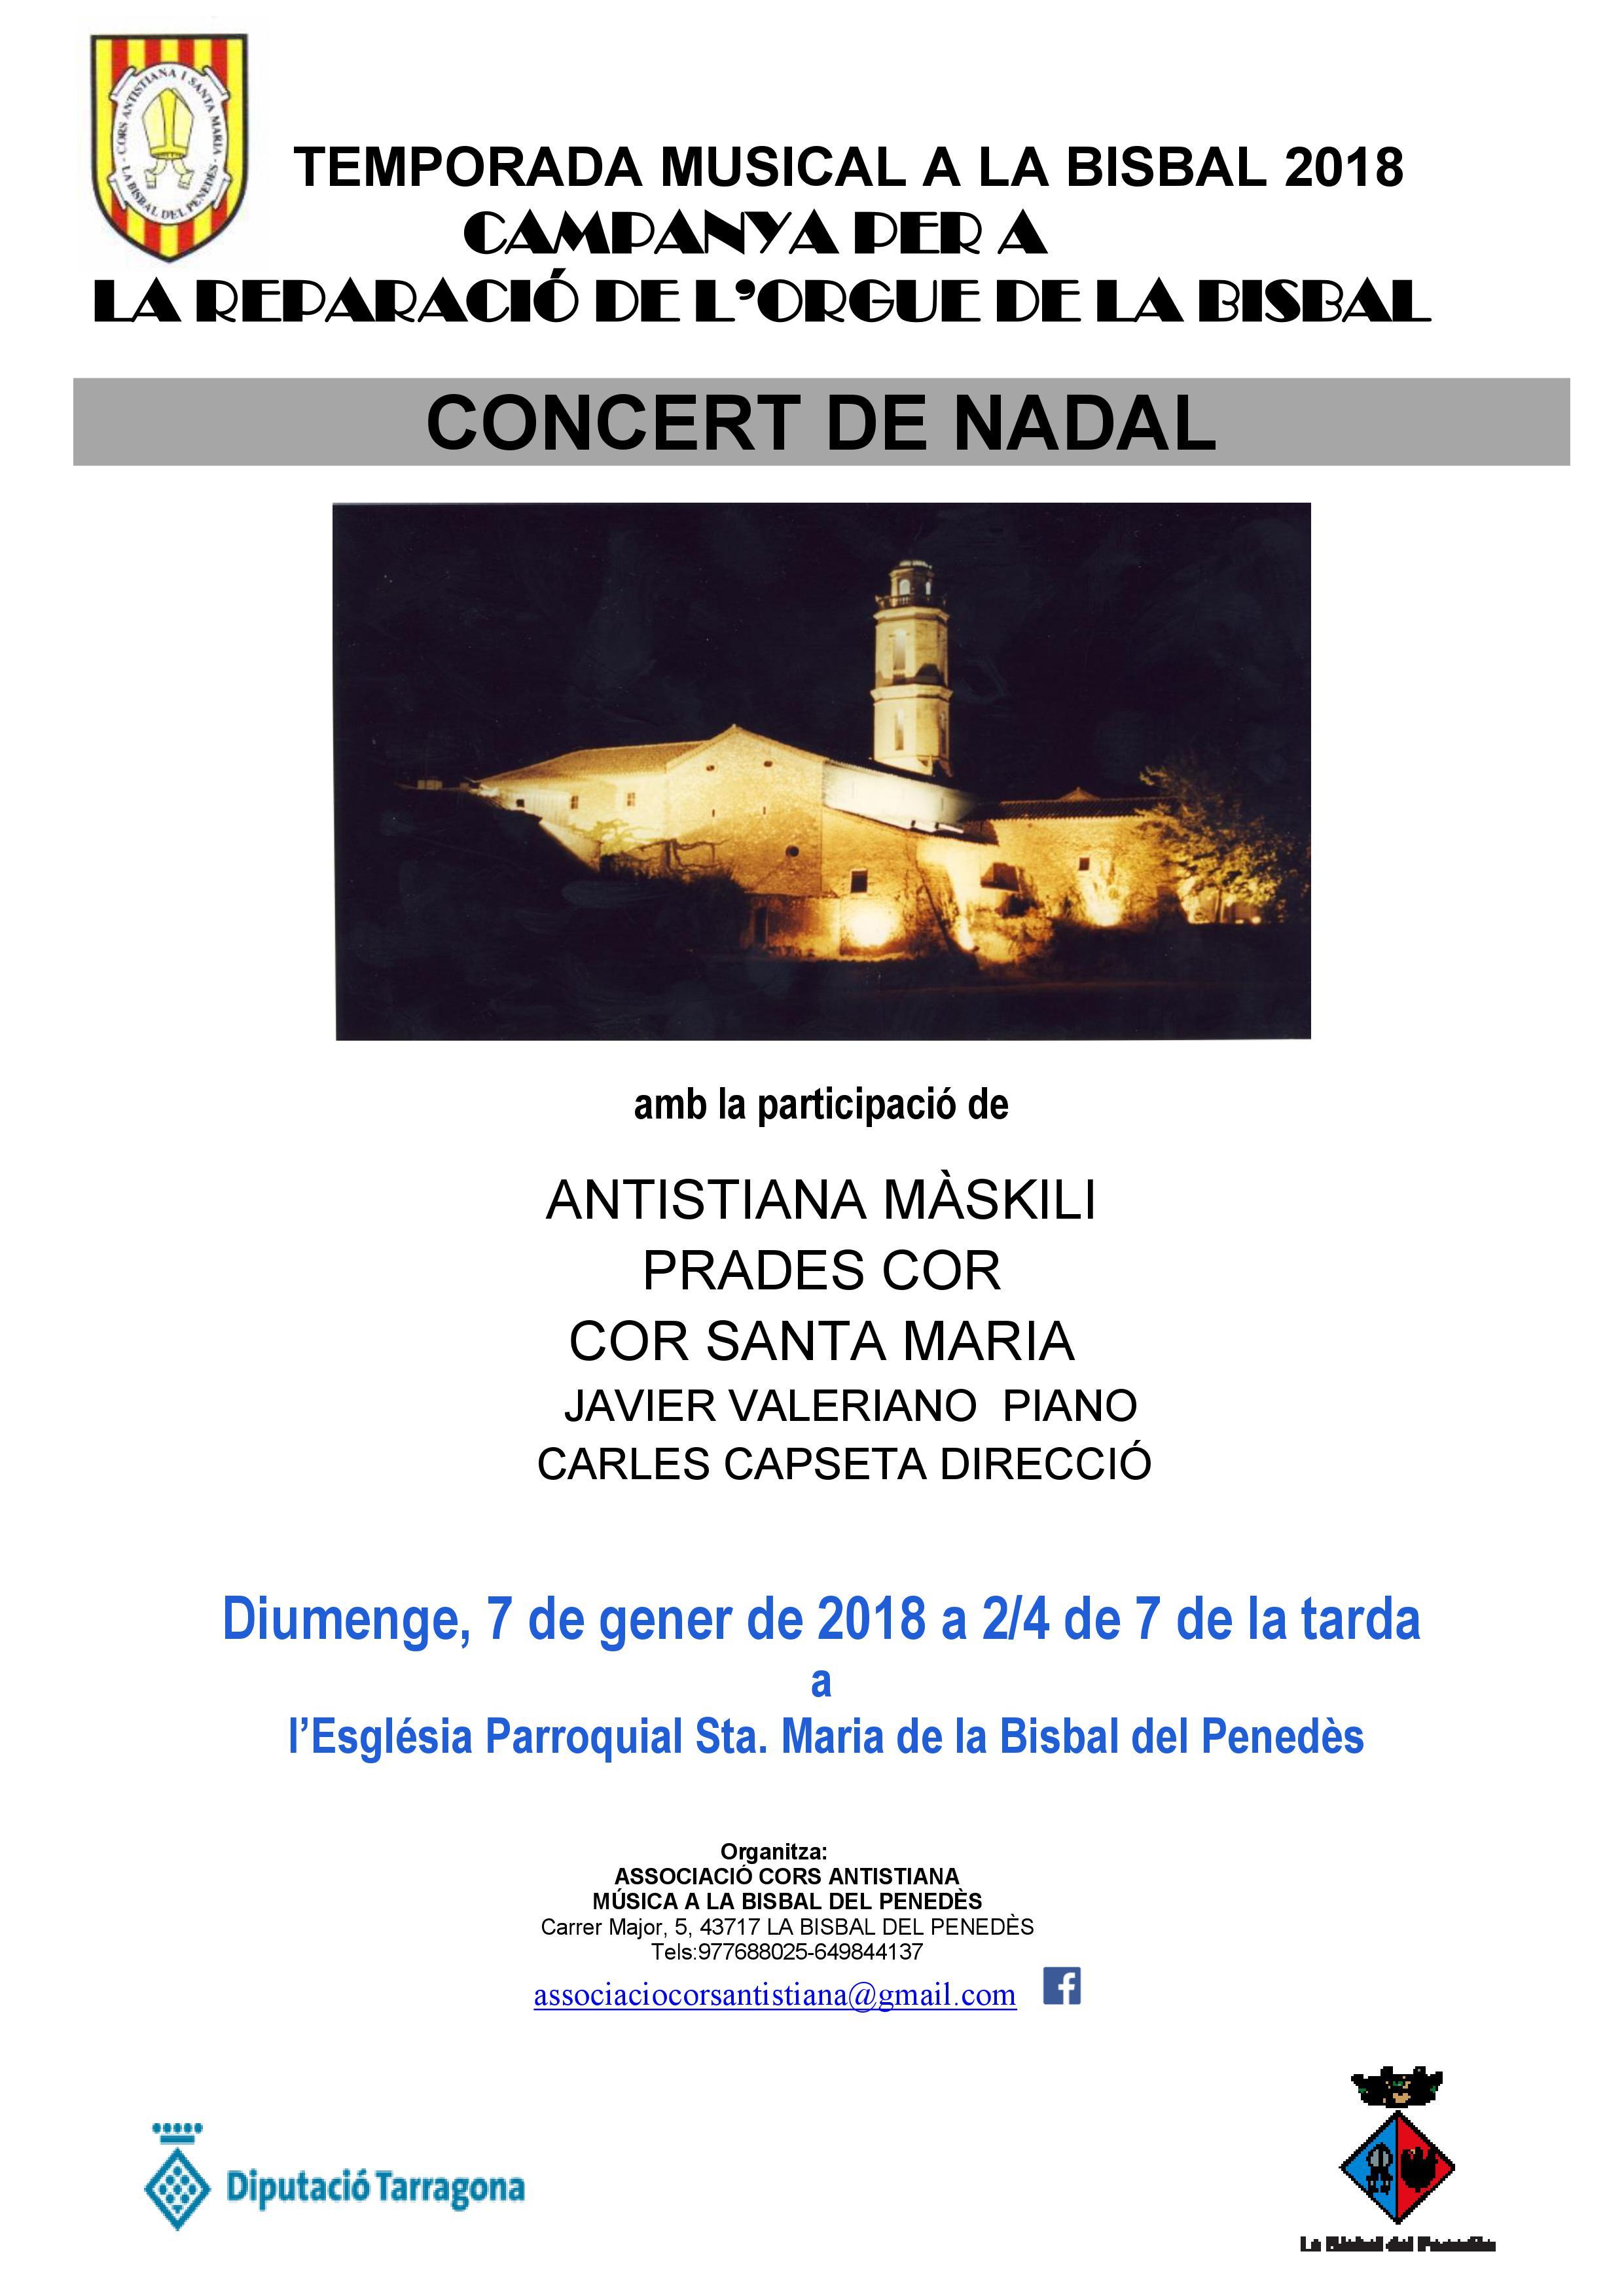 Diumenge 7 de gener a les 18.30h hi haurà Concert de Nadal a l'Església Parroquial de Santa Maria de la Bisbal